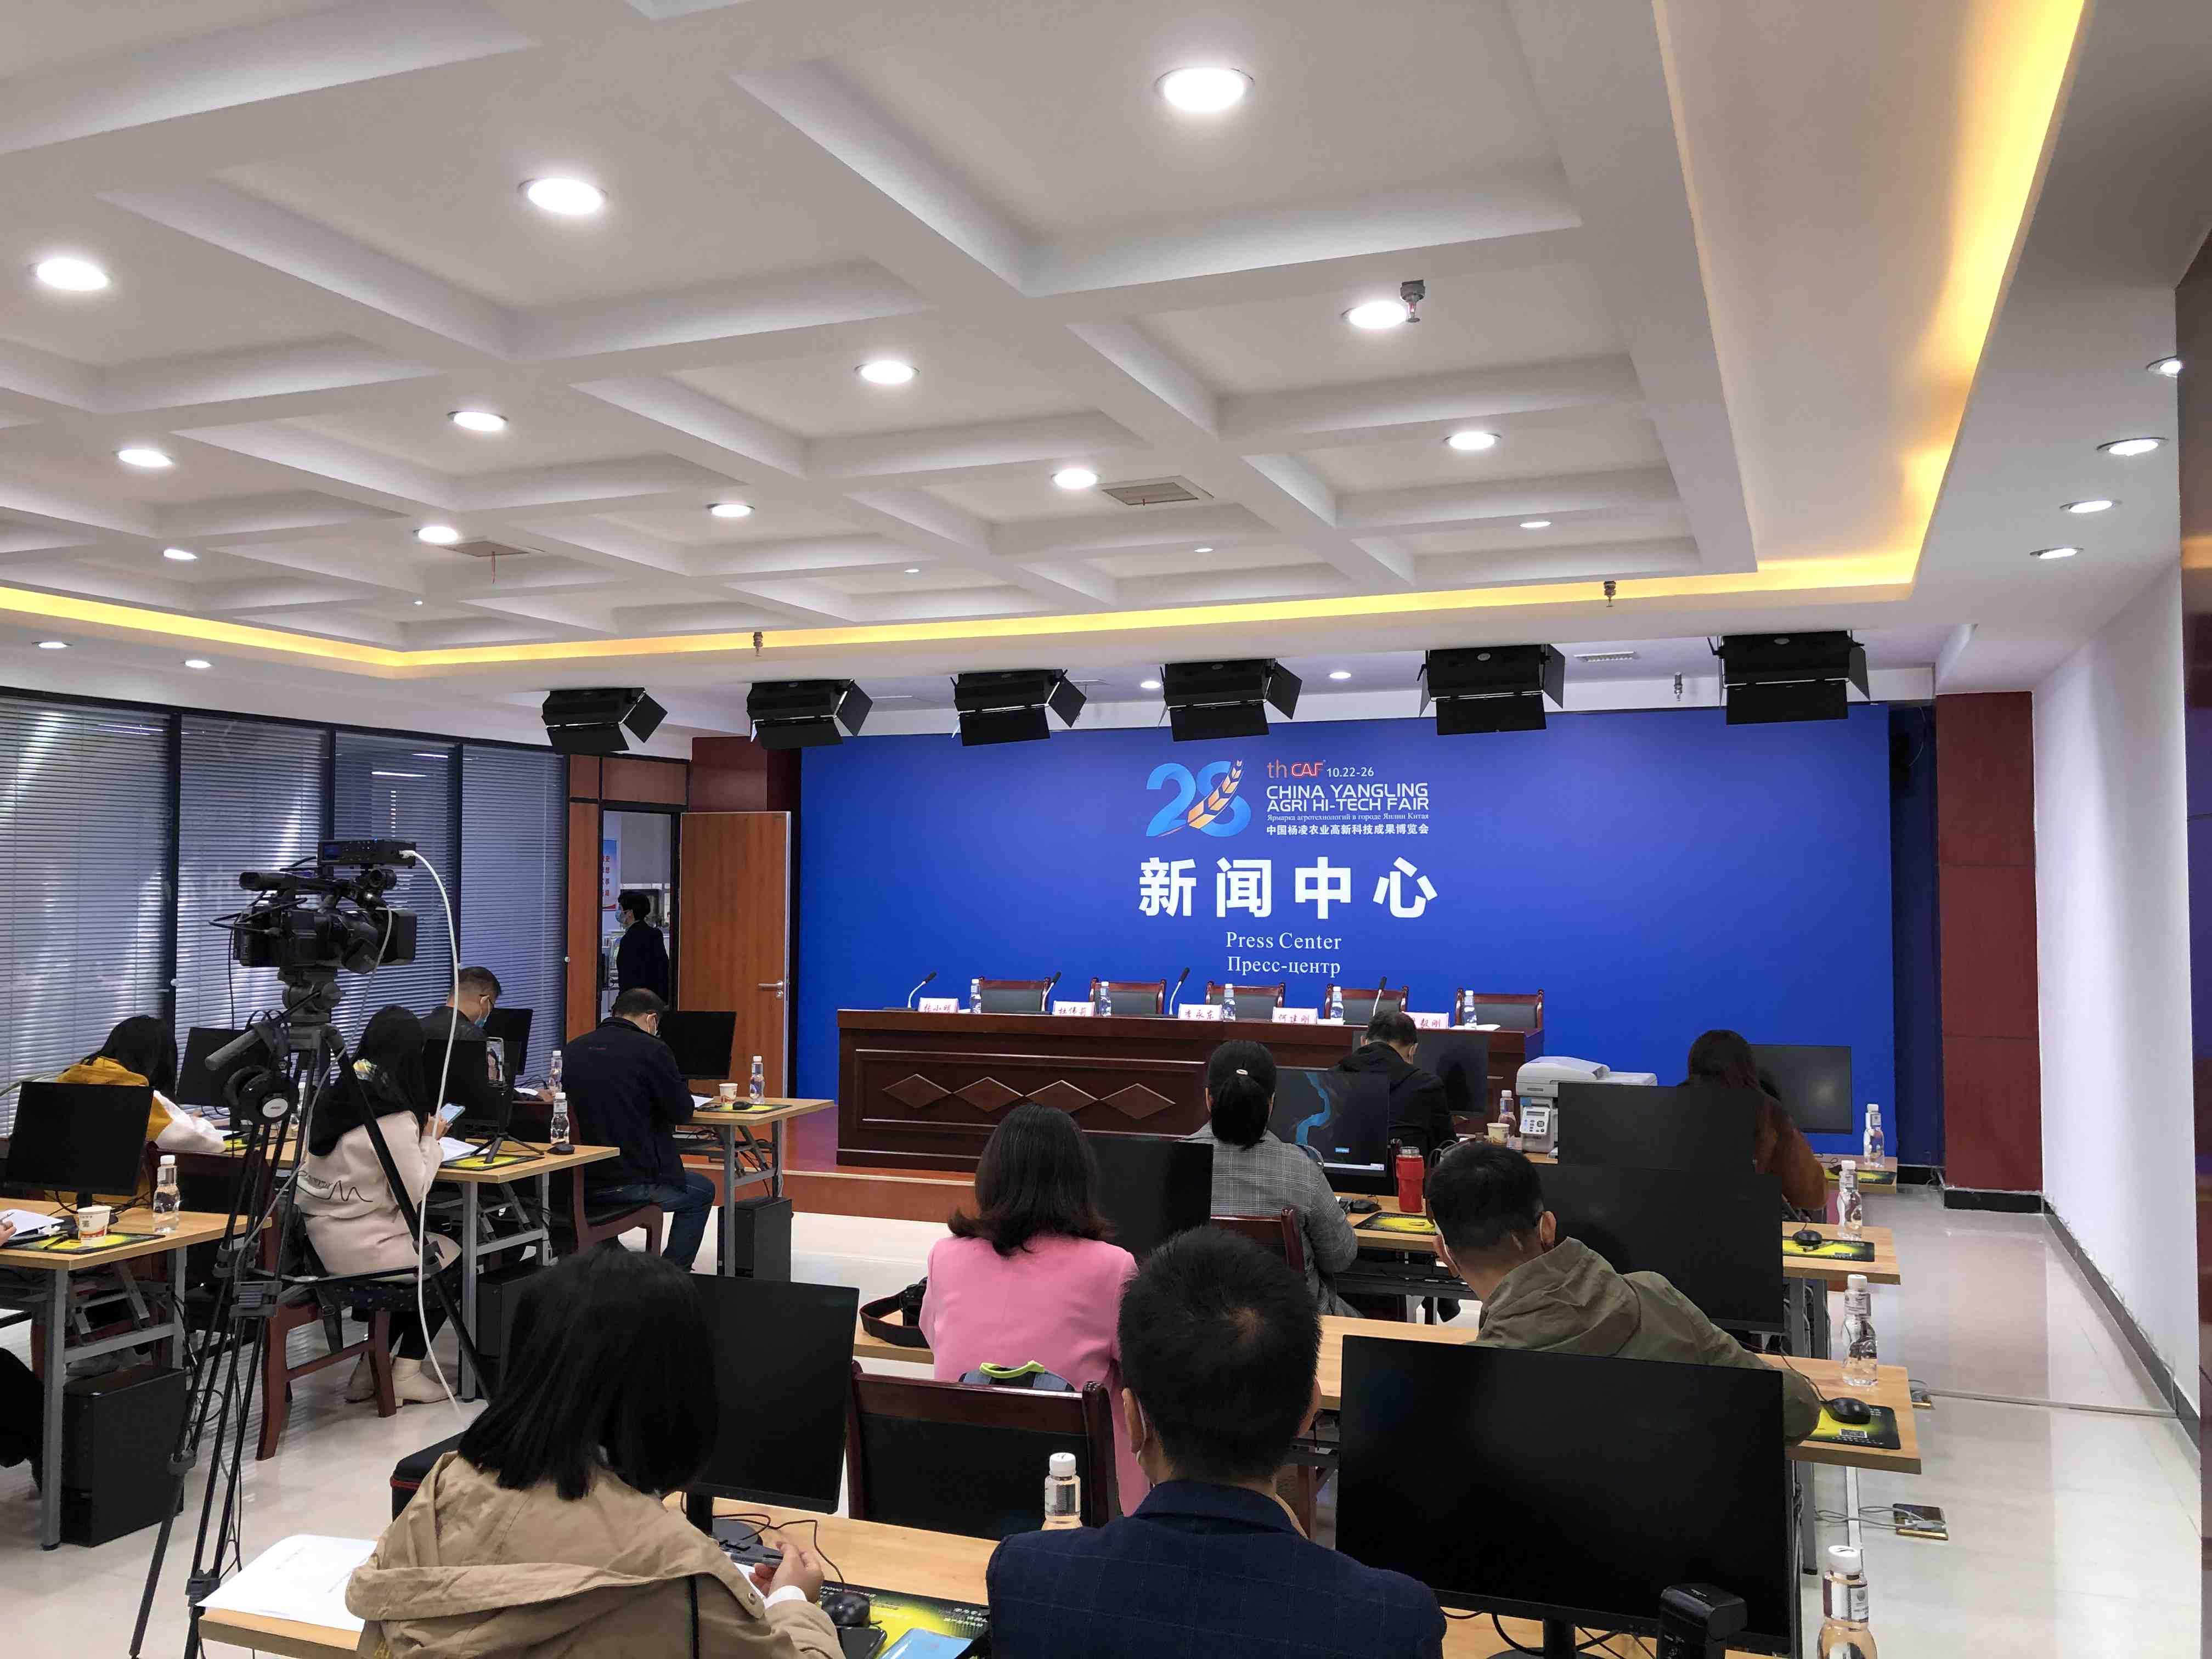 第28届杨凌农高会开幕在即 新闻中心今日向媒体记者开放